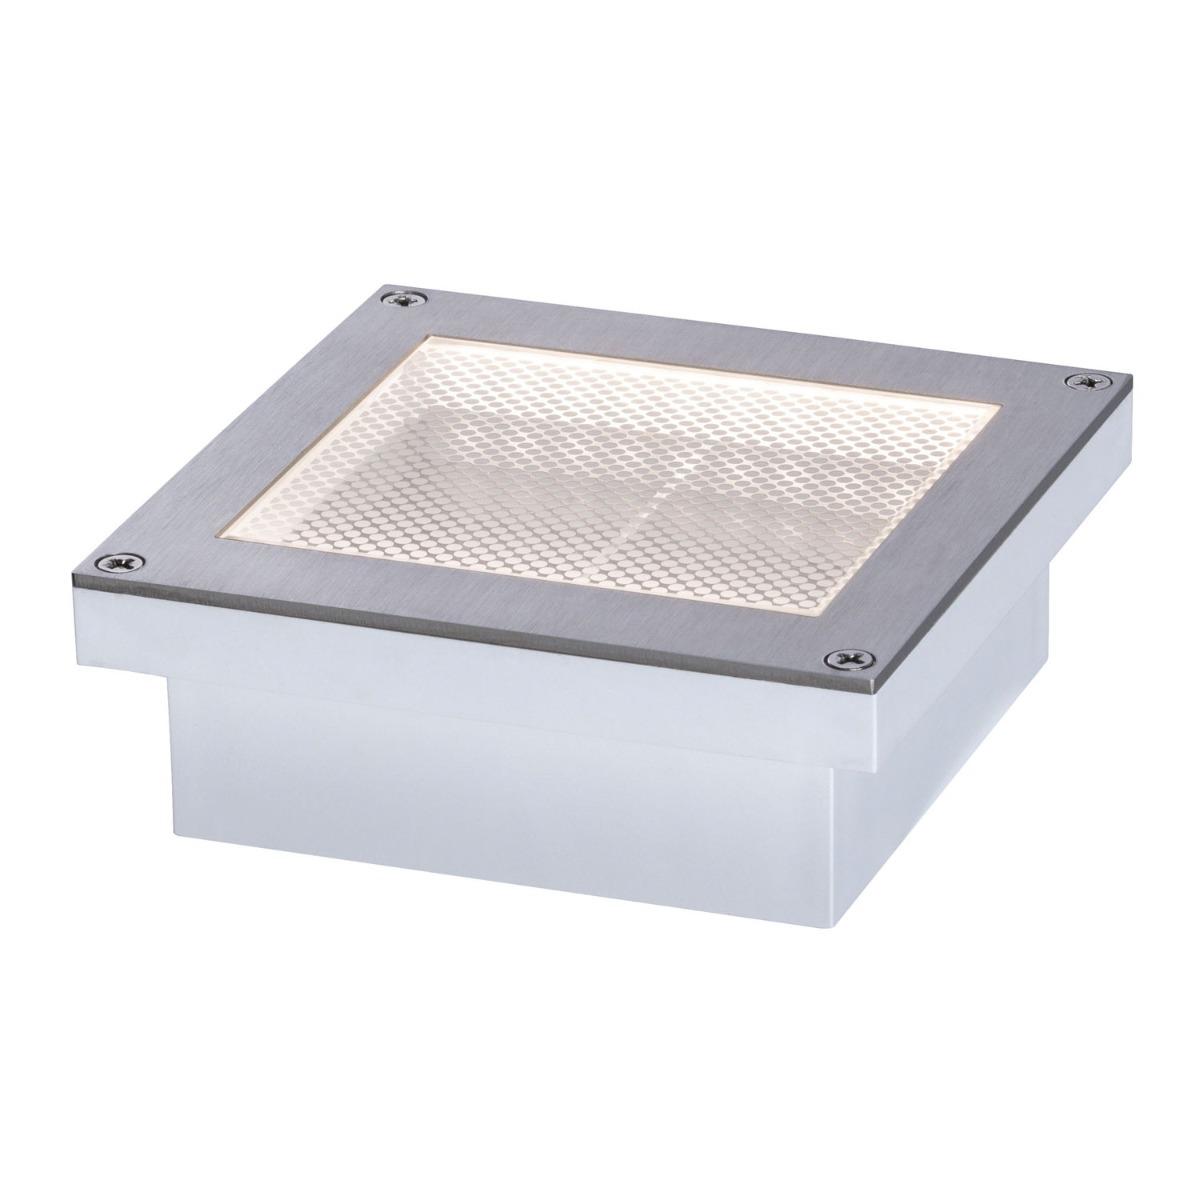 Paulmann Aron Solar LED Grondspot Metaal/Kunststof 100x100mm IP67 3000K | Bewegingssensor